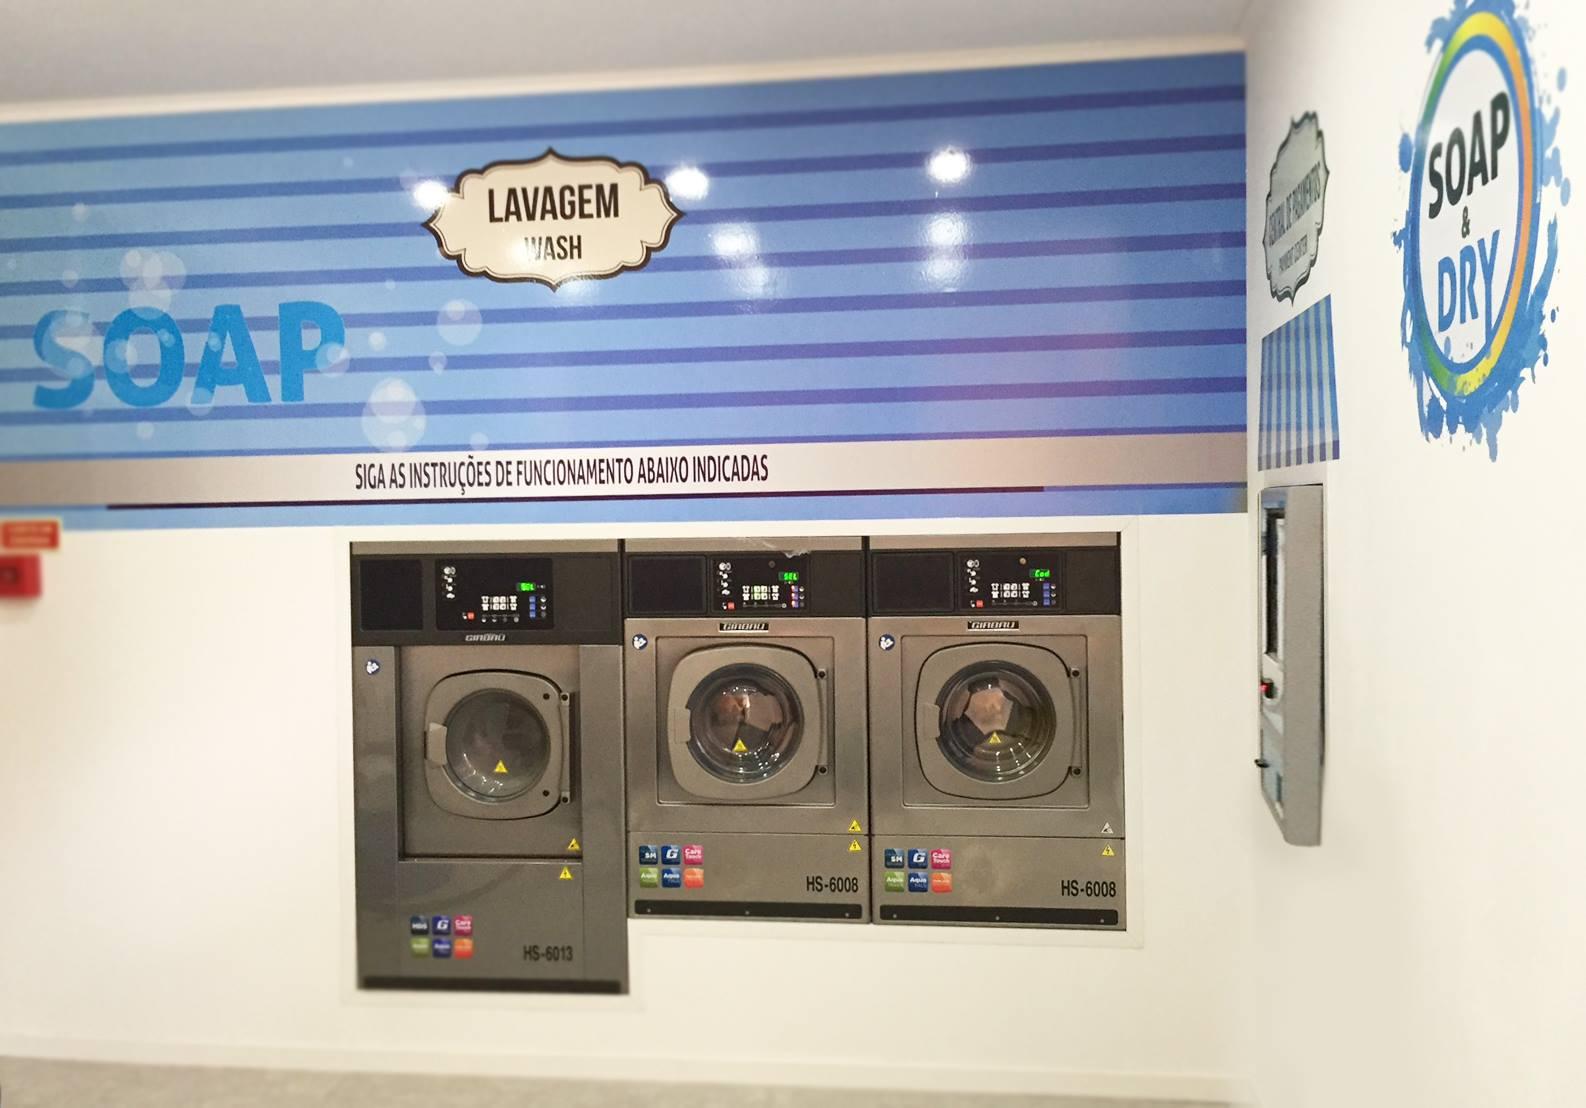 Soap & Dry Lavagem em Algés